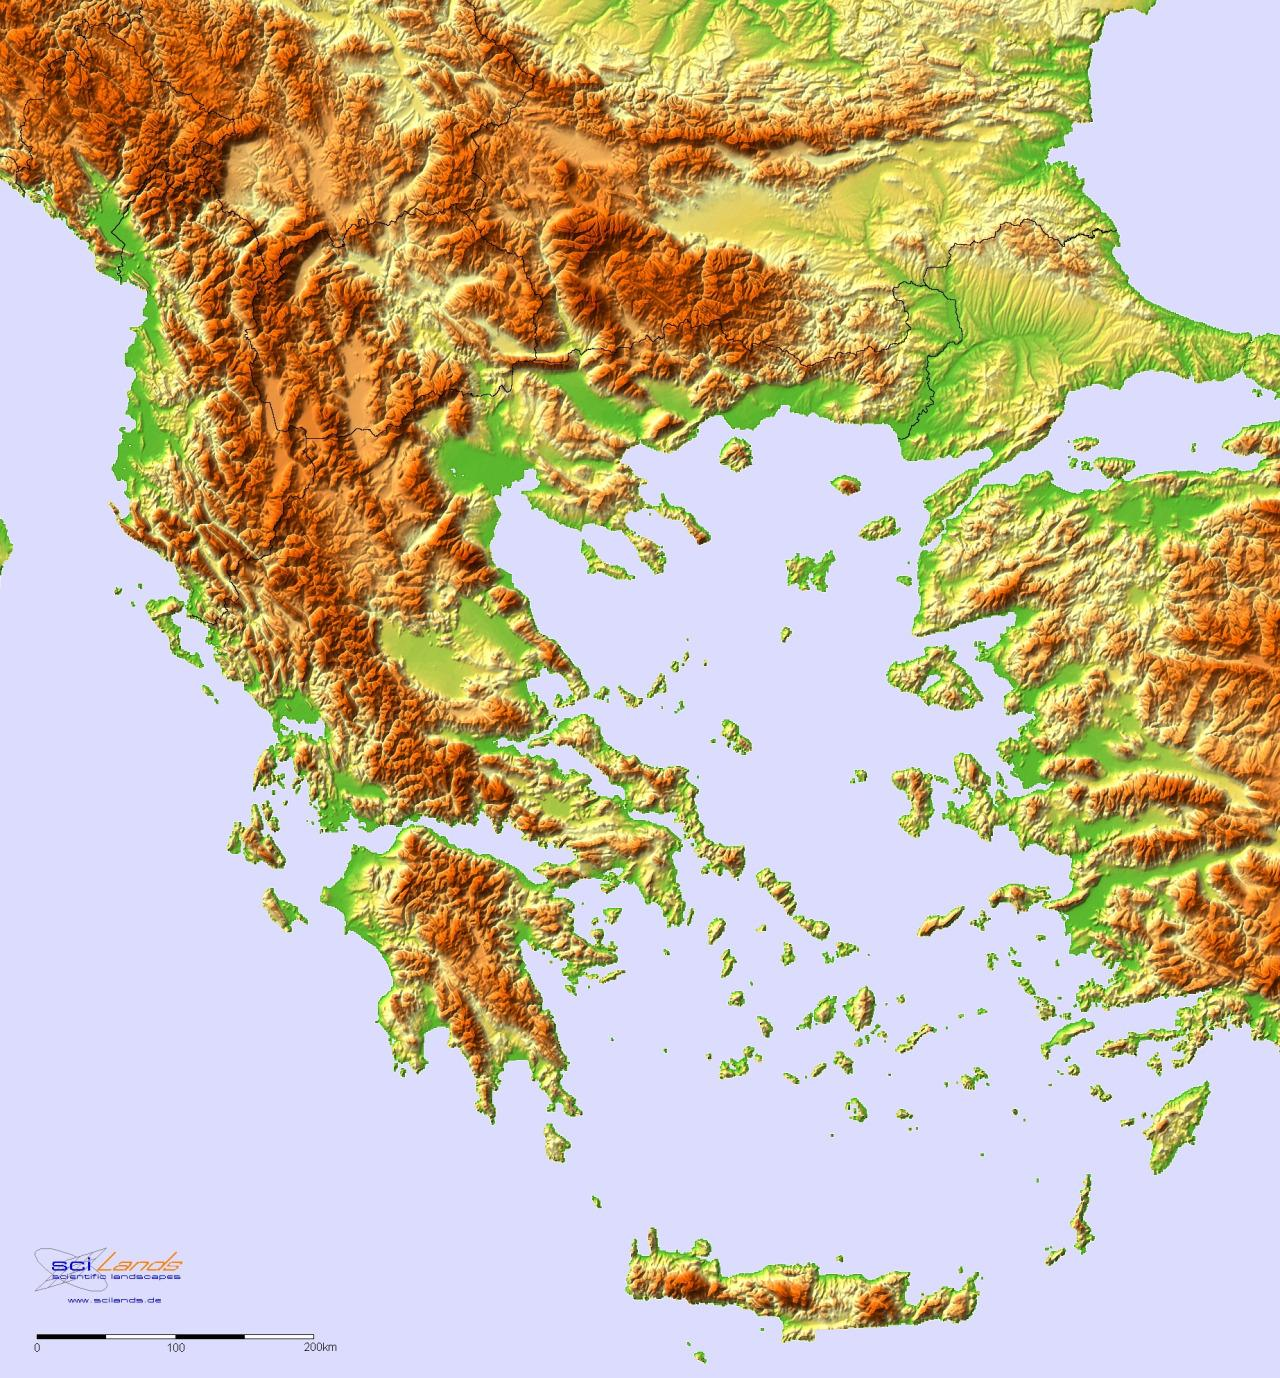 görögország domborzati térkép Görögország domborzati térkép   domborzati térkép, Görögország  görögország domborzati térkép